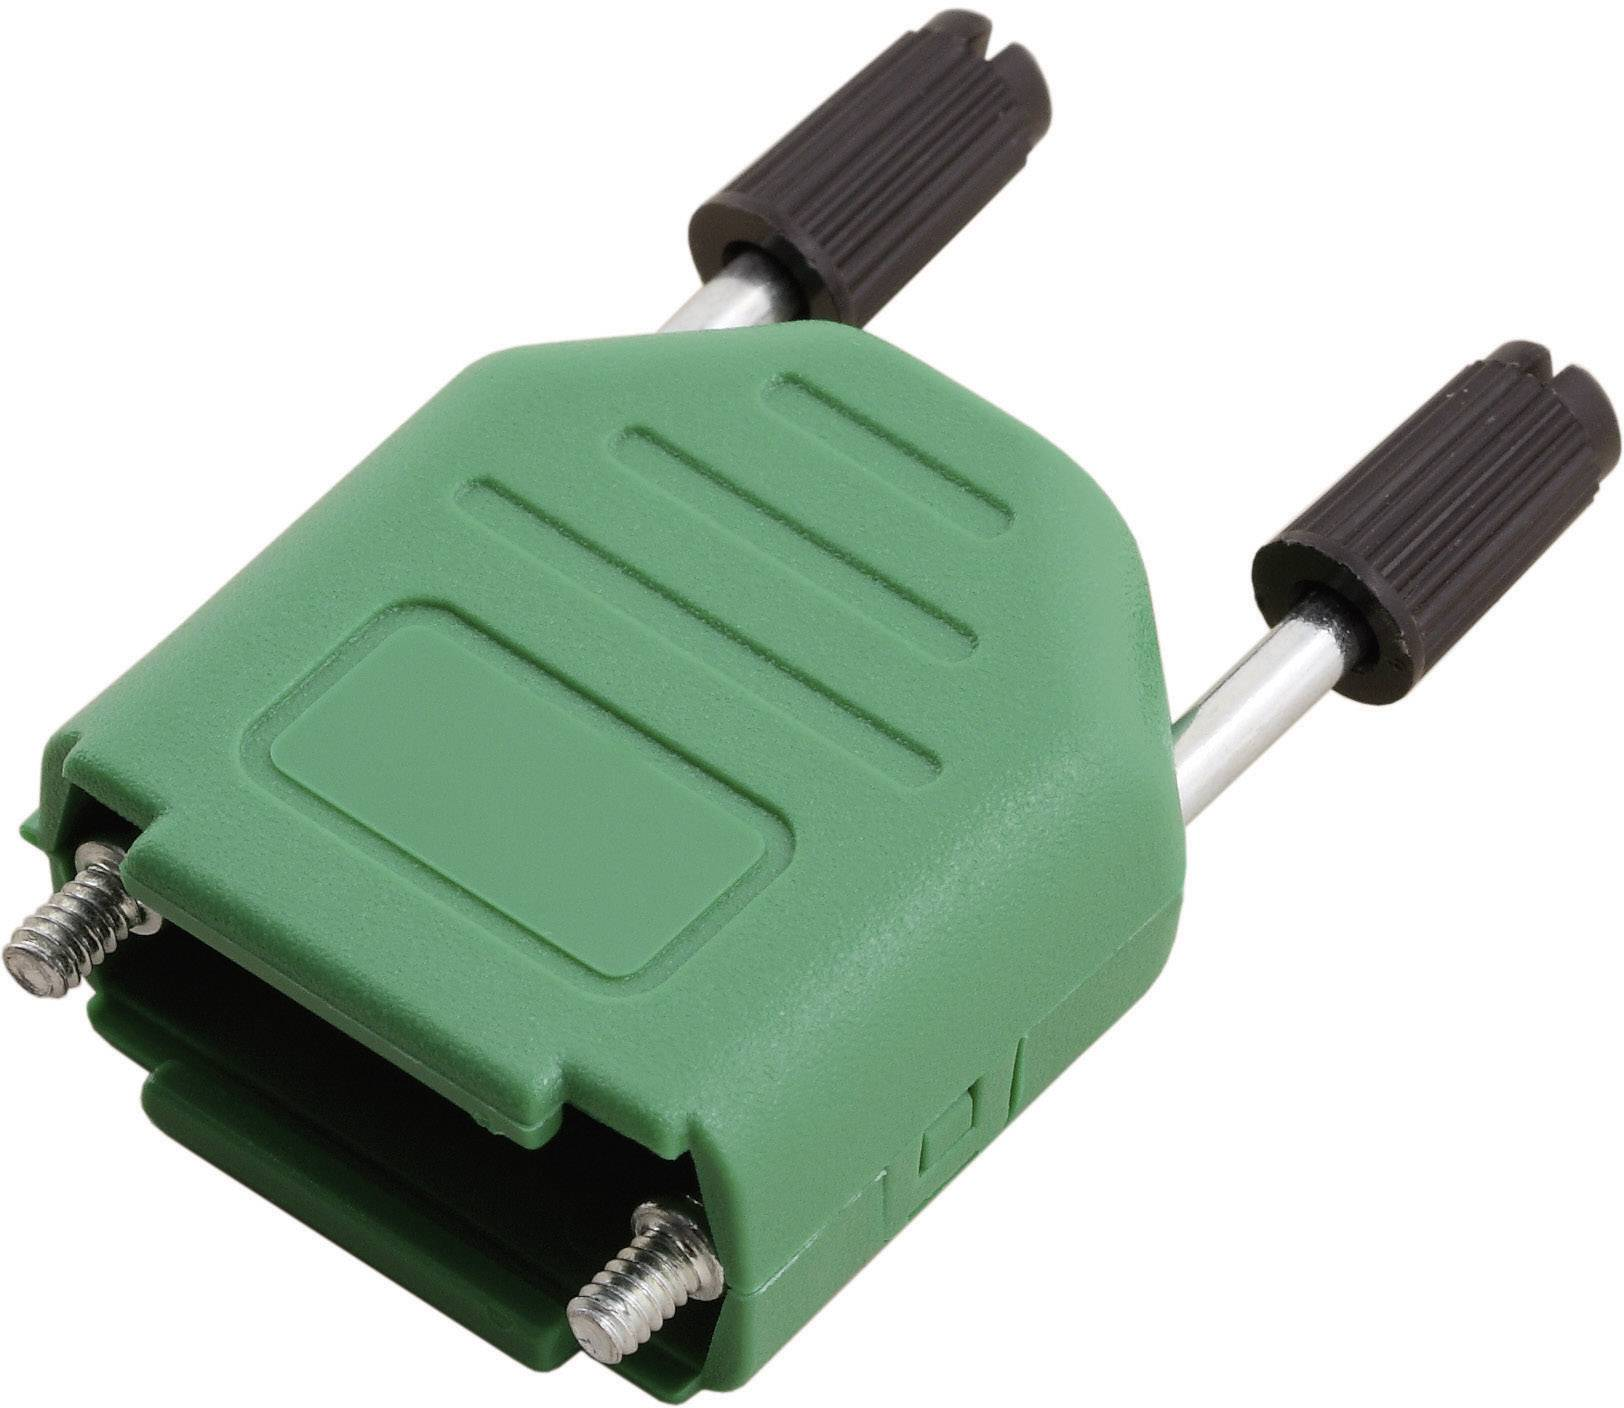 D-SUB pouzdro MH Connectors MHDPPK09-G-K, Pólů: 9, plast, 180 °, zelená, 1 ks